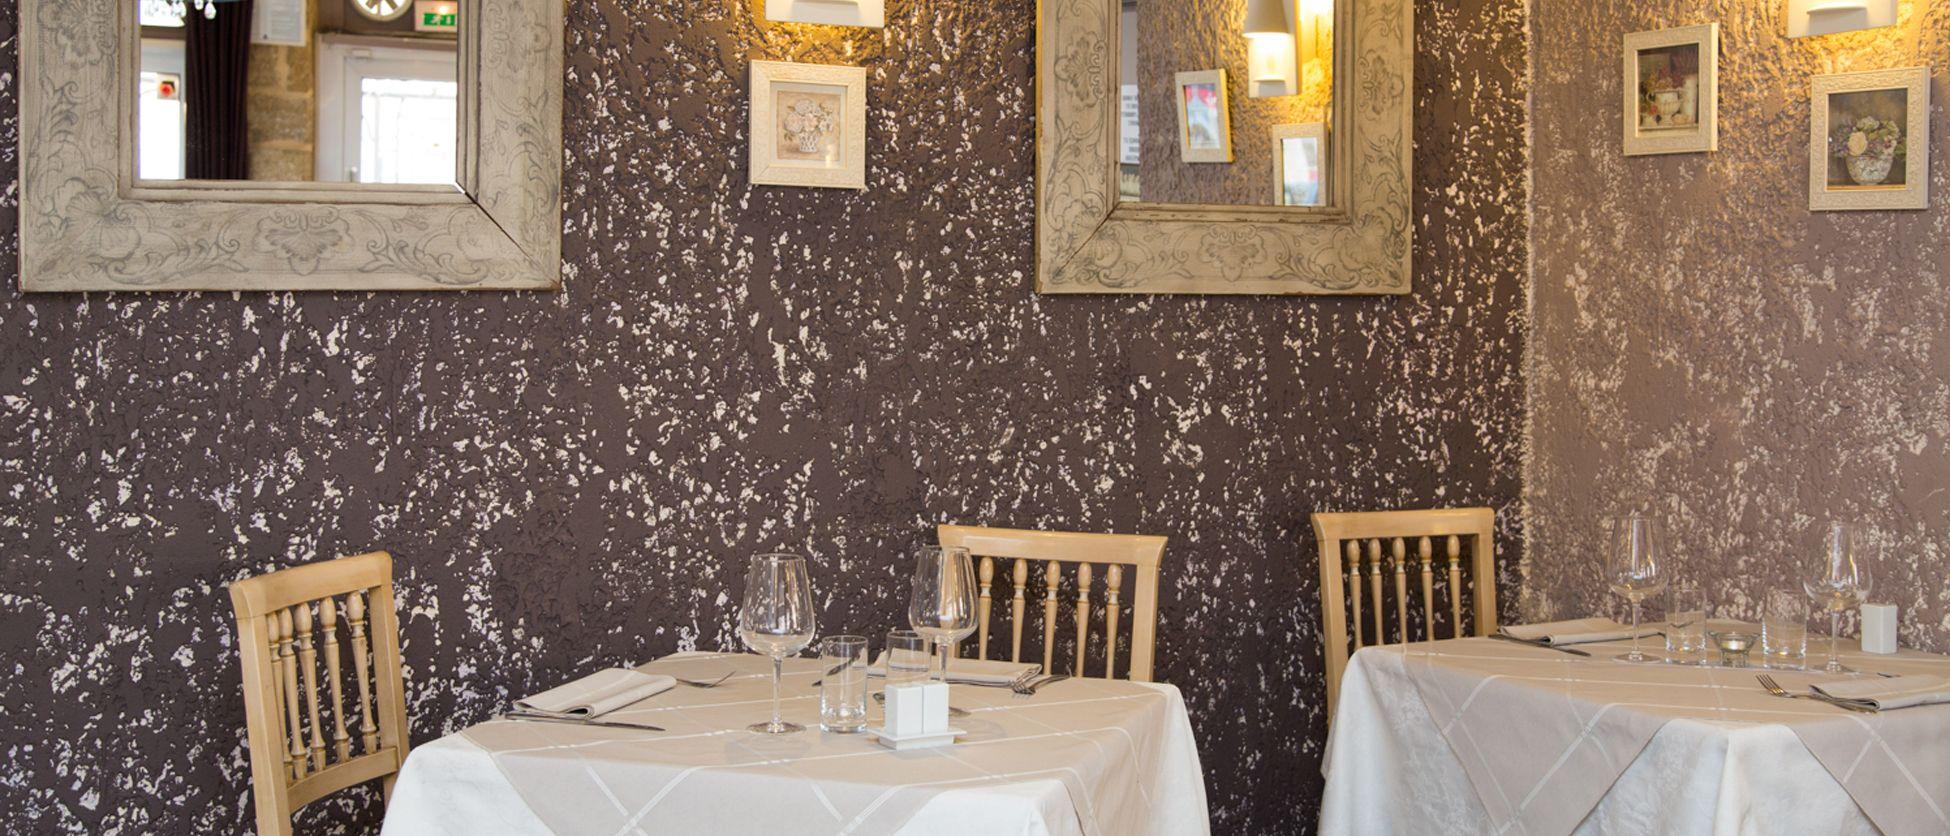 restaurant et h tel 2 toiles la farigoule sainte c cile les vignes en vaucluse. Black Bedroom Furniture Sets. Home Design Ideas